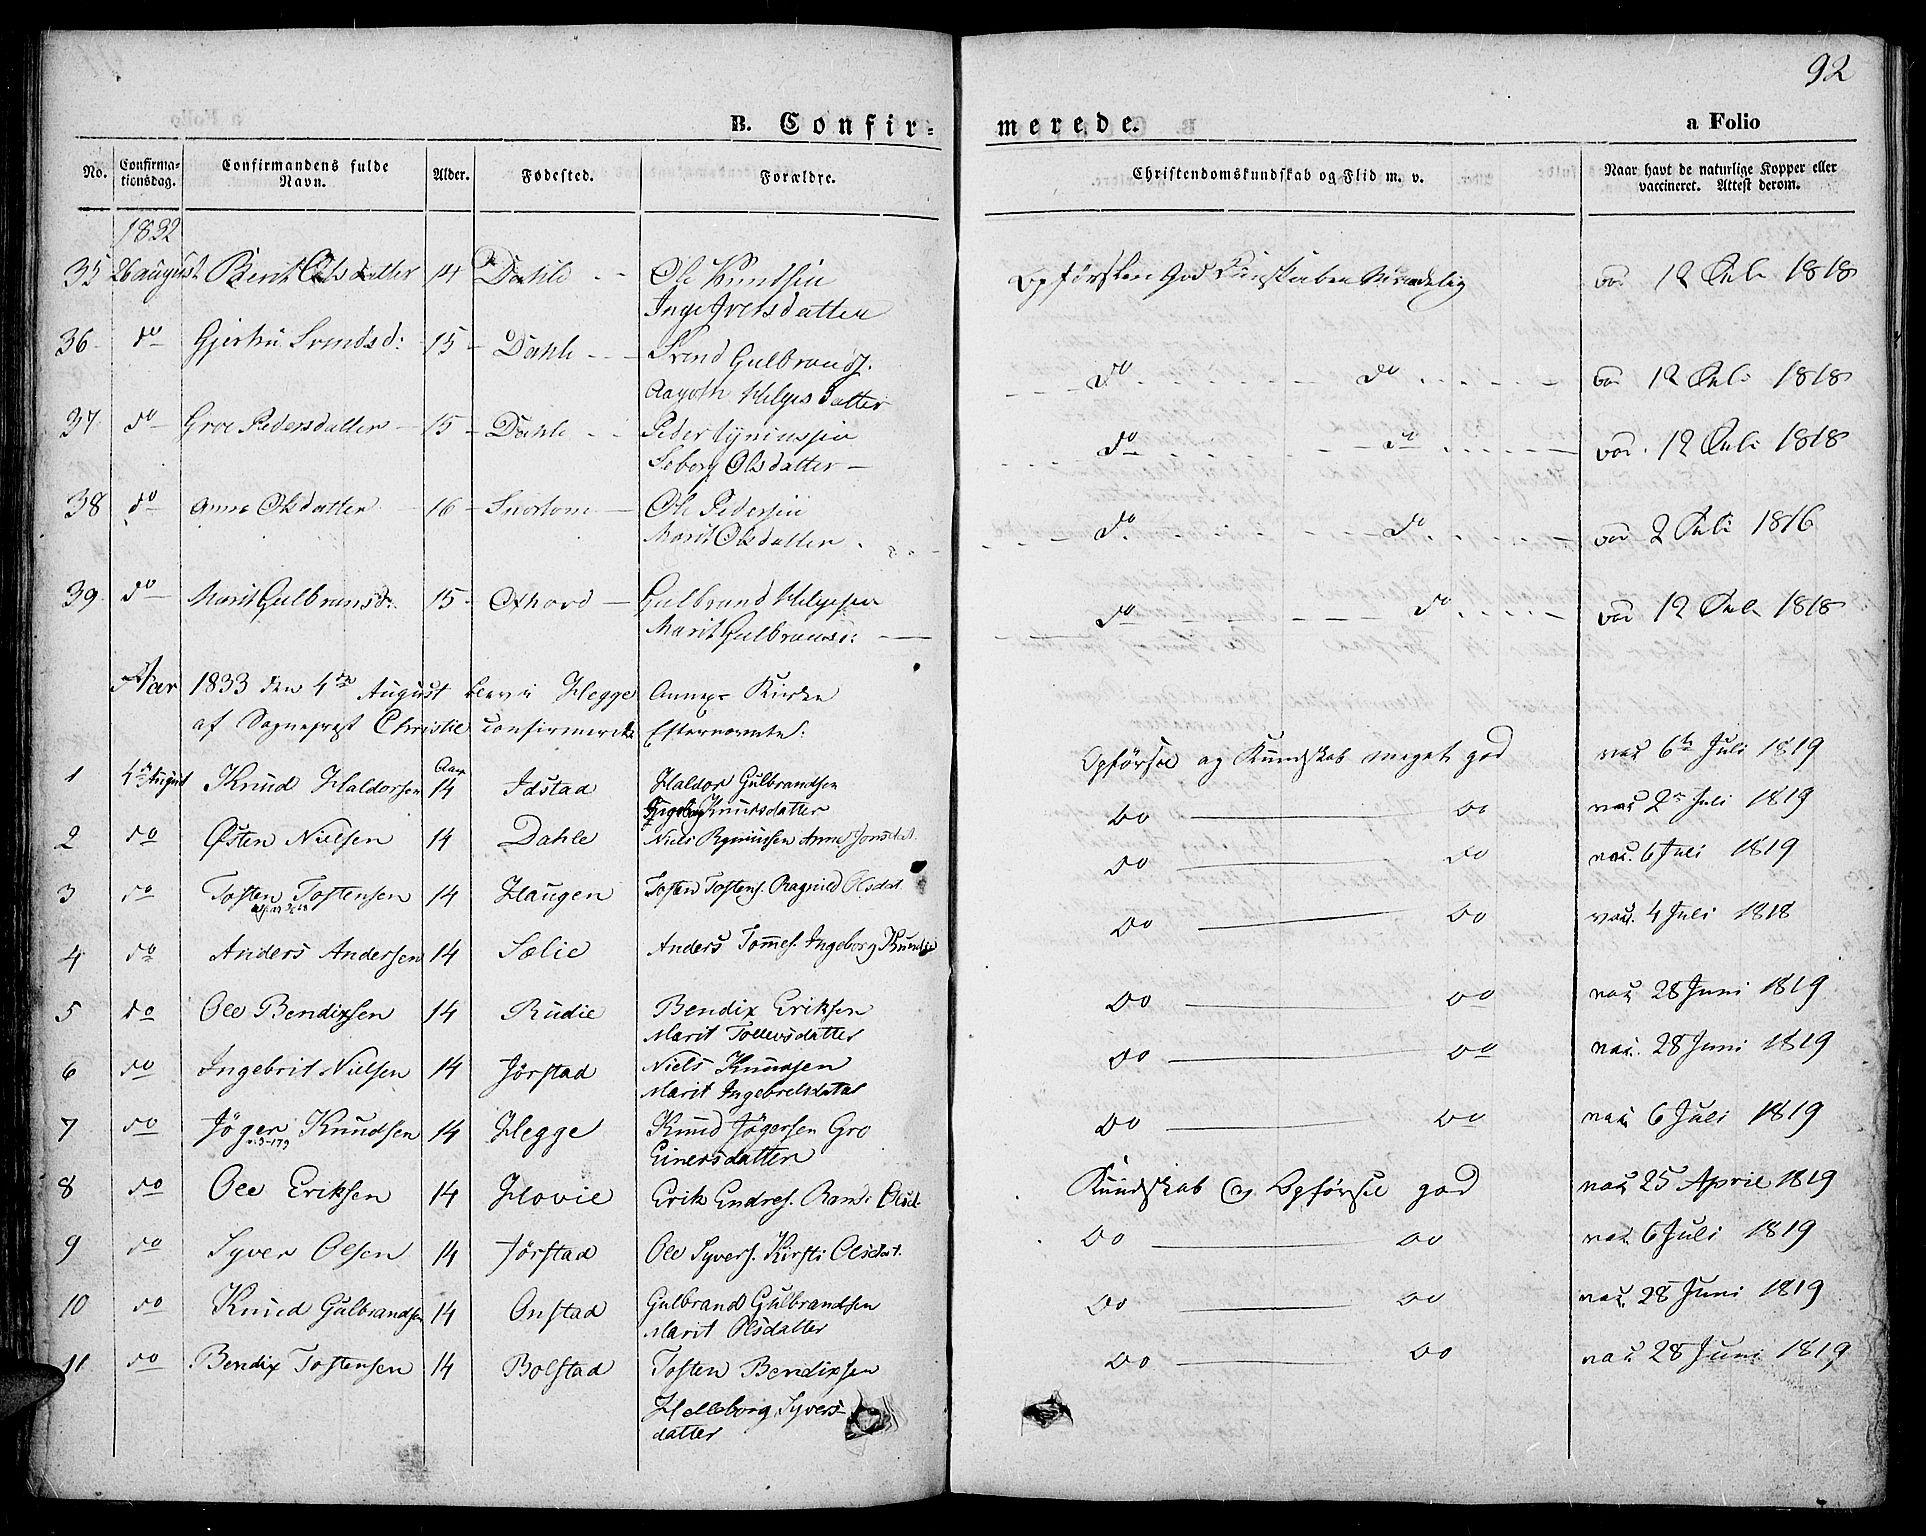 SAH, Slidre prestekontor, Ministerialbok nr. 4, 1831-1848, s. 92